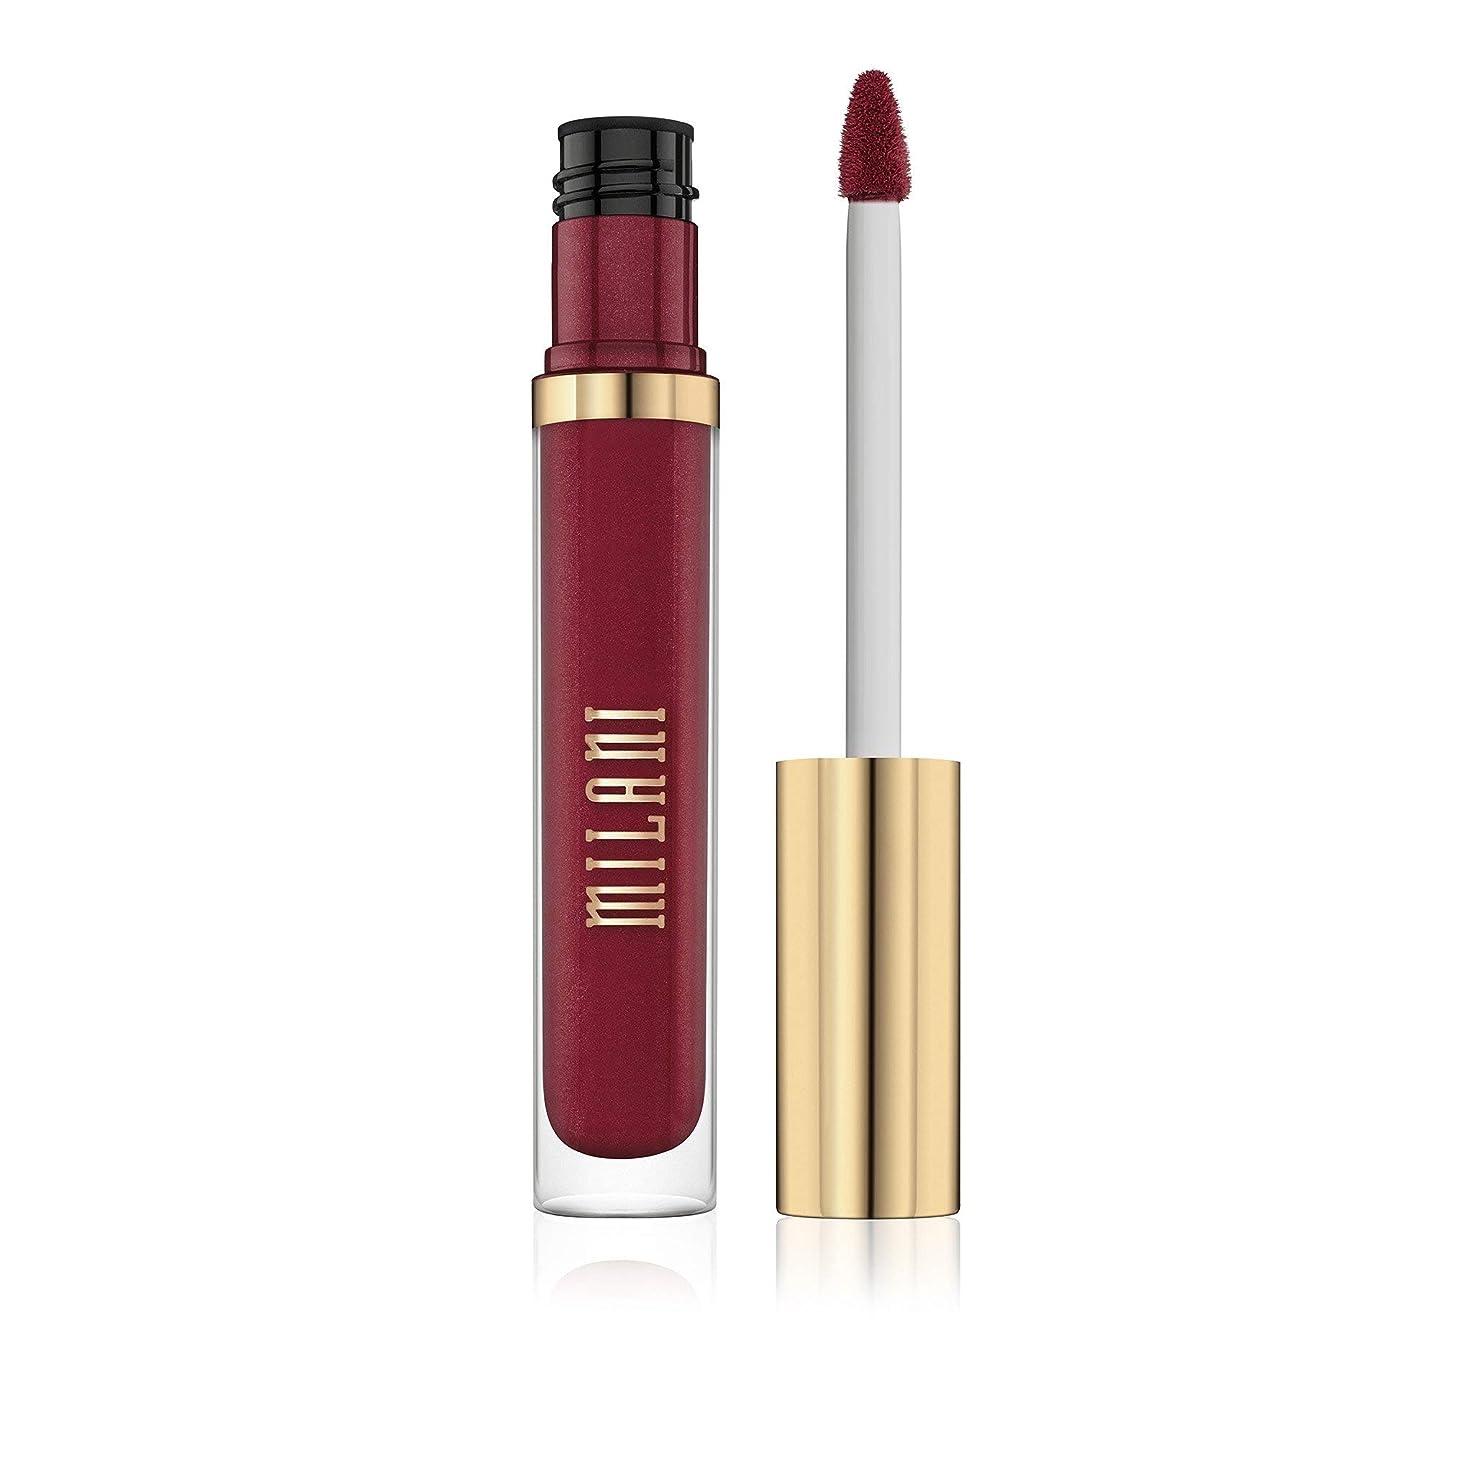 リットル学校教育キャベツMILANI Amore Shine Liquid Lip Color - Seduction (並行輸入品)